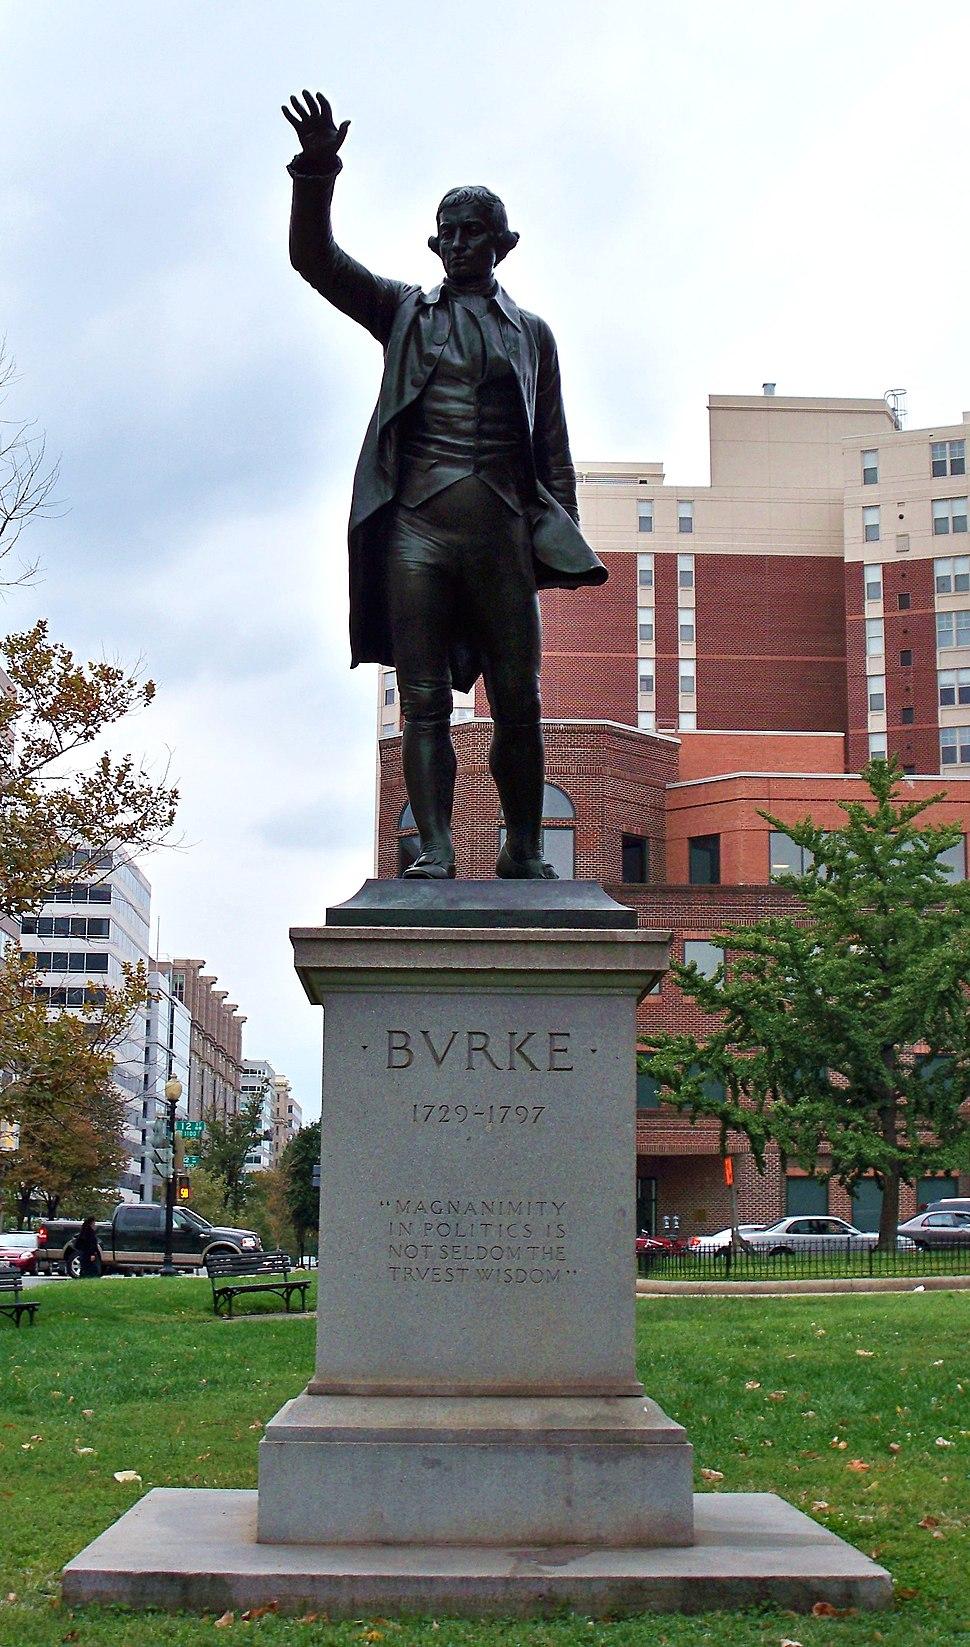 Edmund Burke statue by Matthew Bisanz